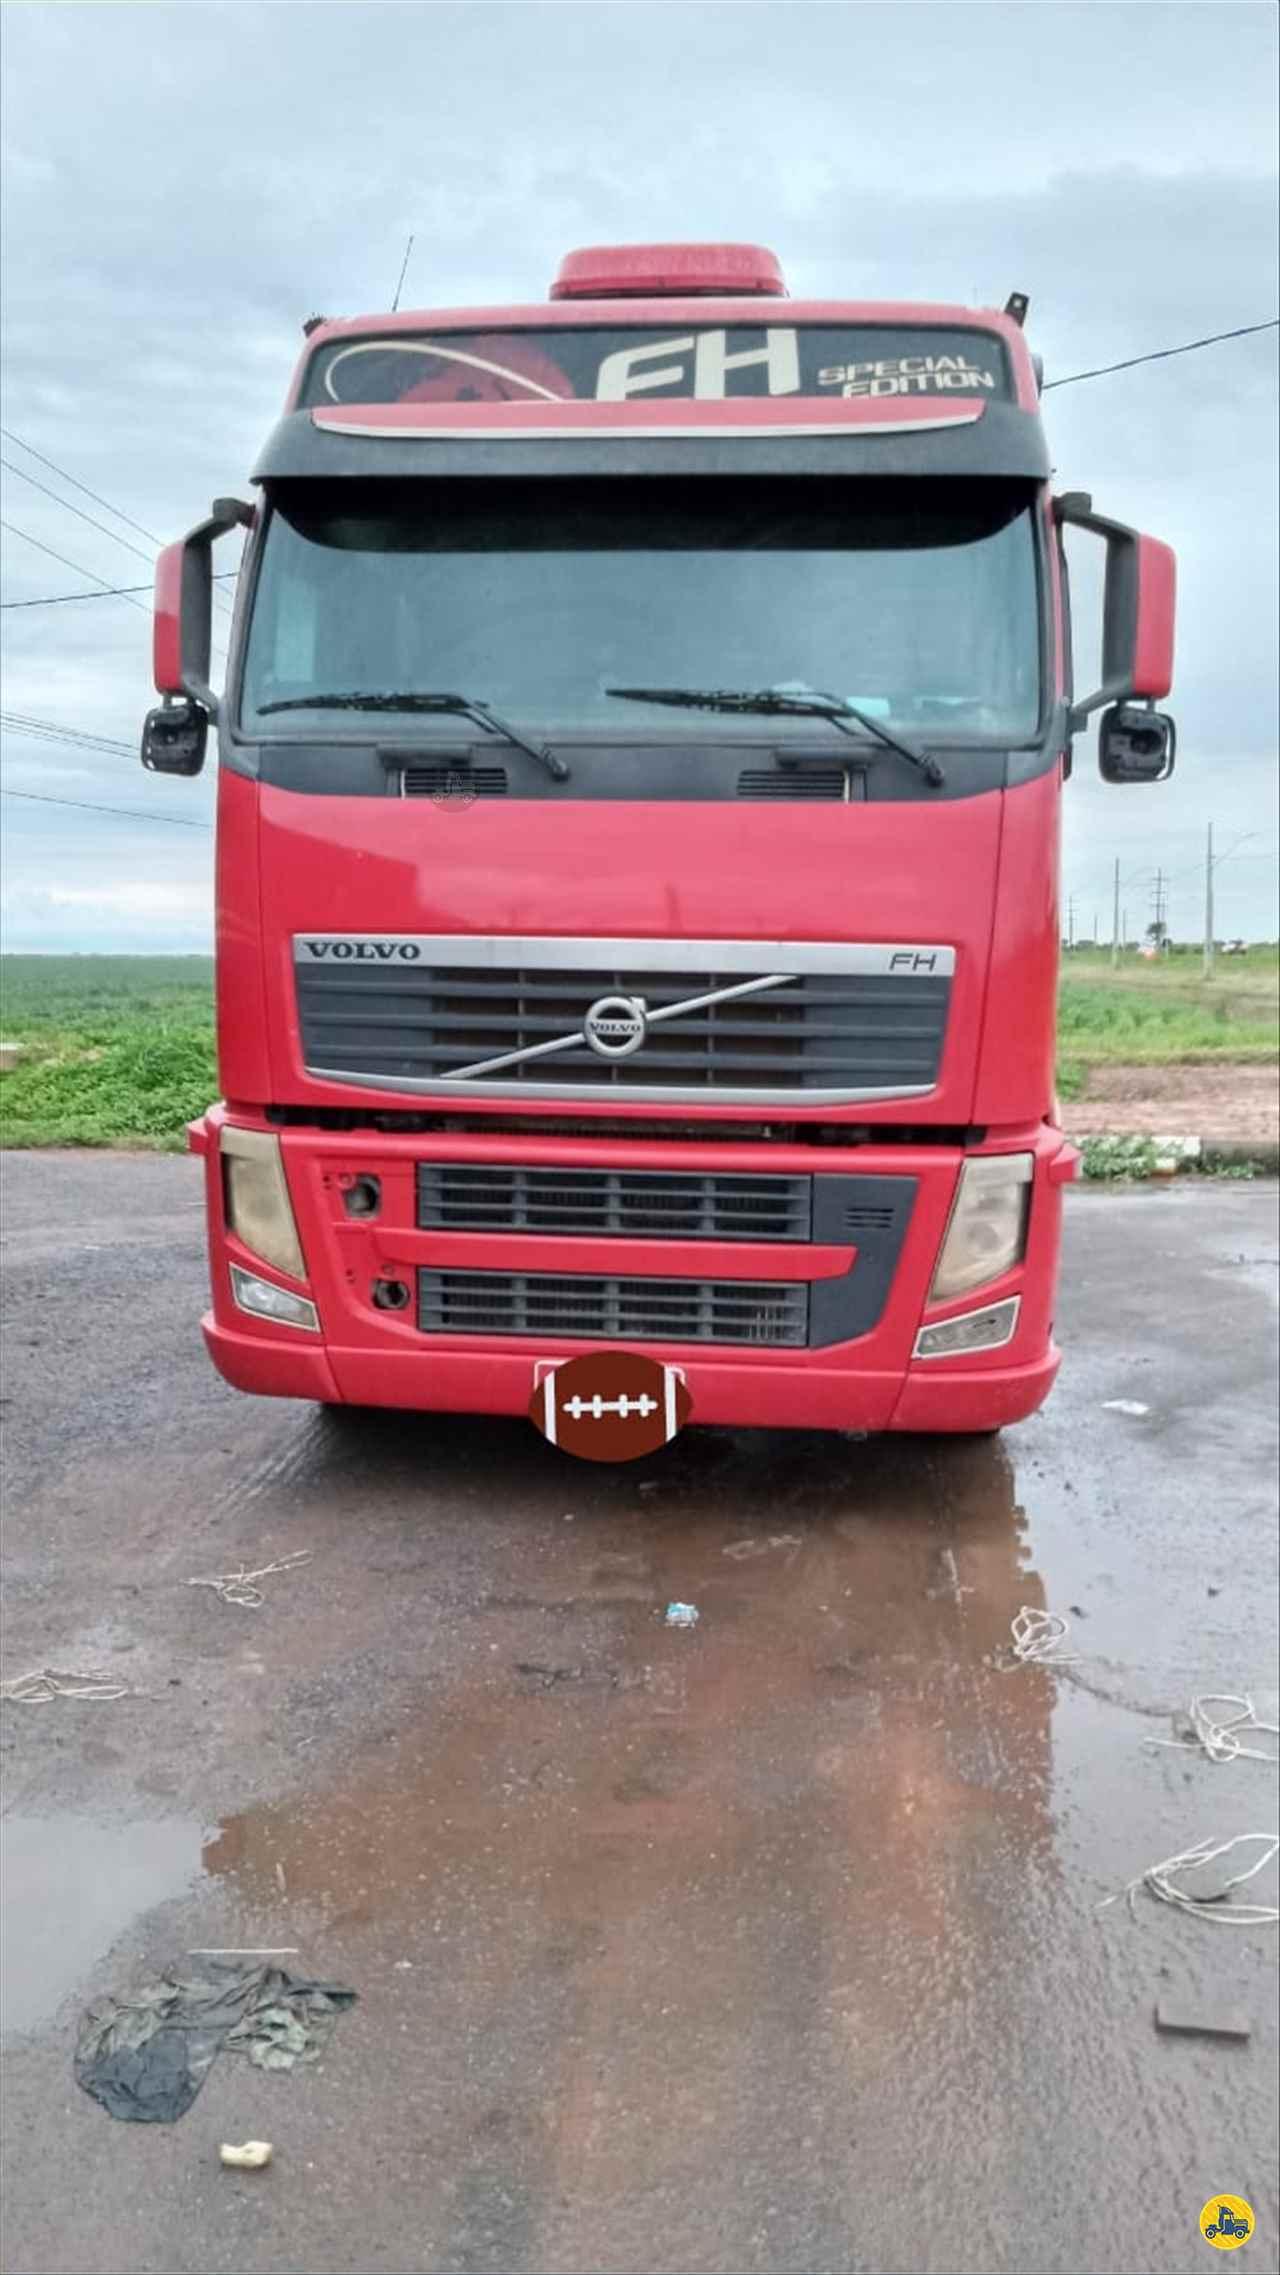 CAMINHAO VOLVO VOLVO FH 520 Cavalo Mecânico Traçado 6x4 Diogo Caminhões ANAPOLIS GOIAS GO